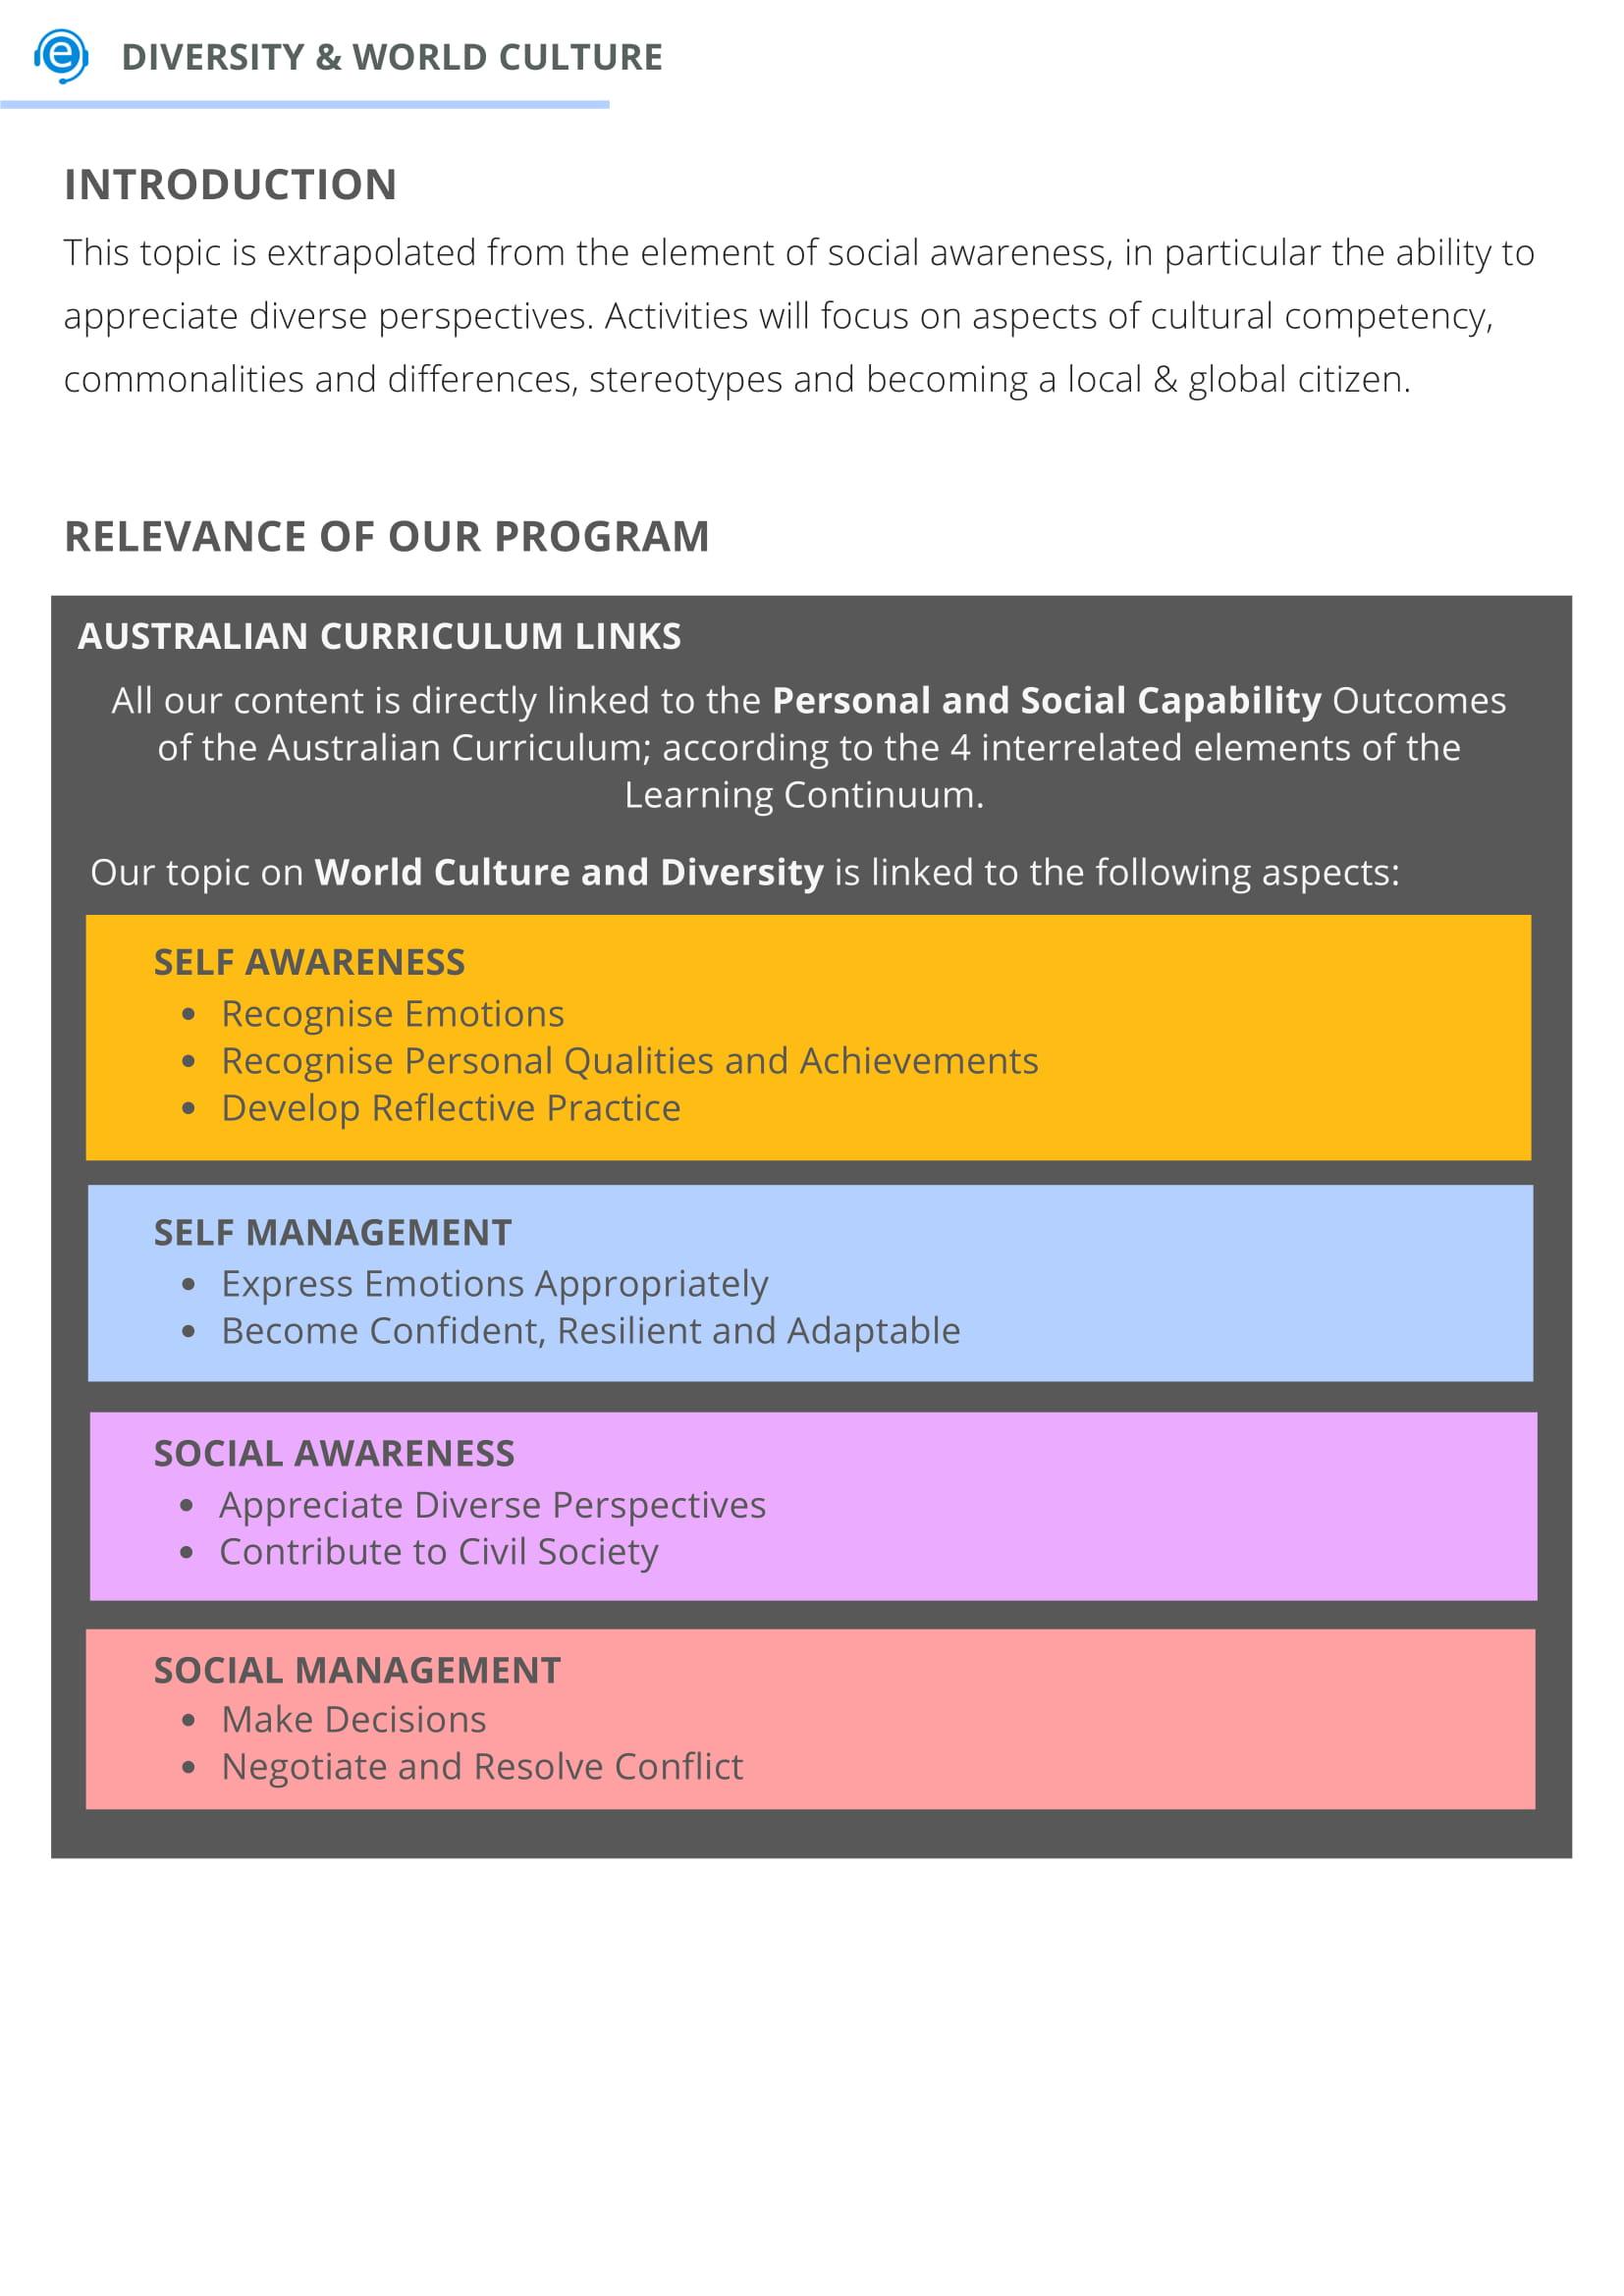 eMentor - Diversity & World Culture-02.jpg